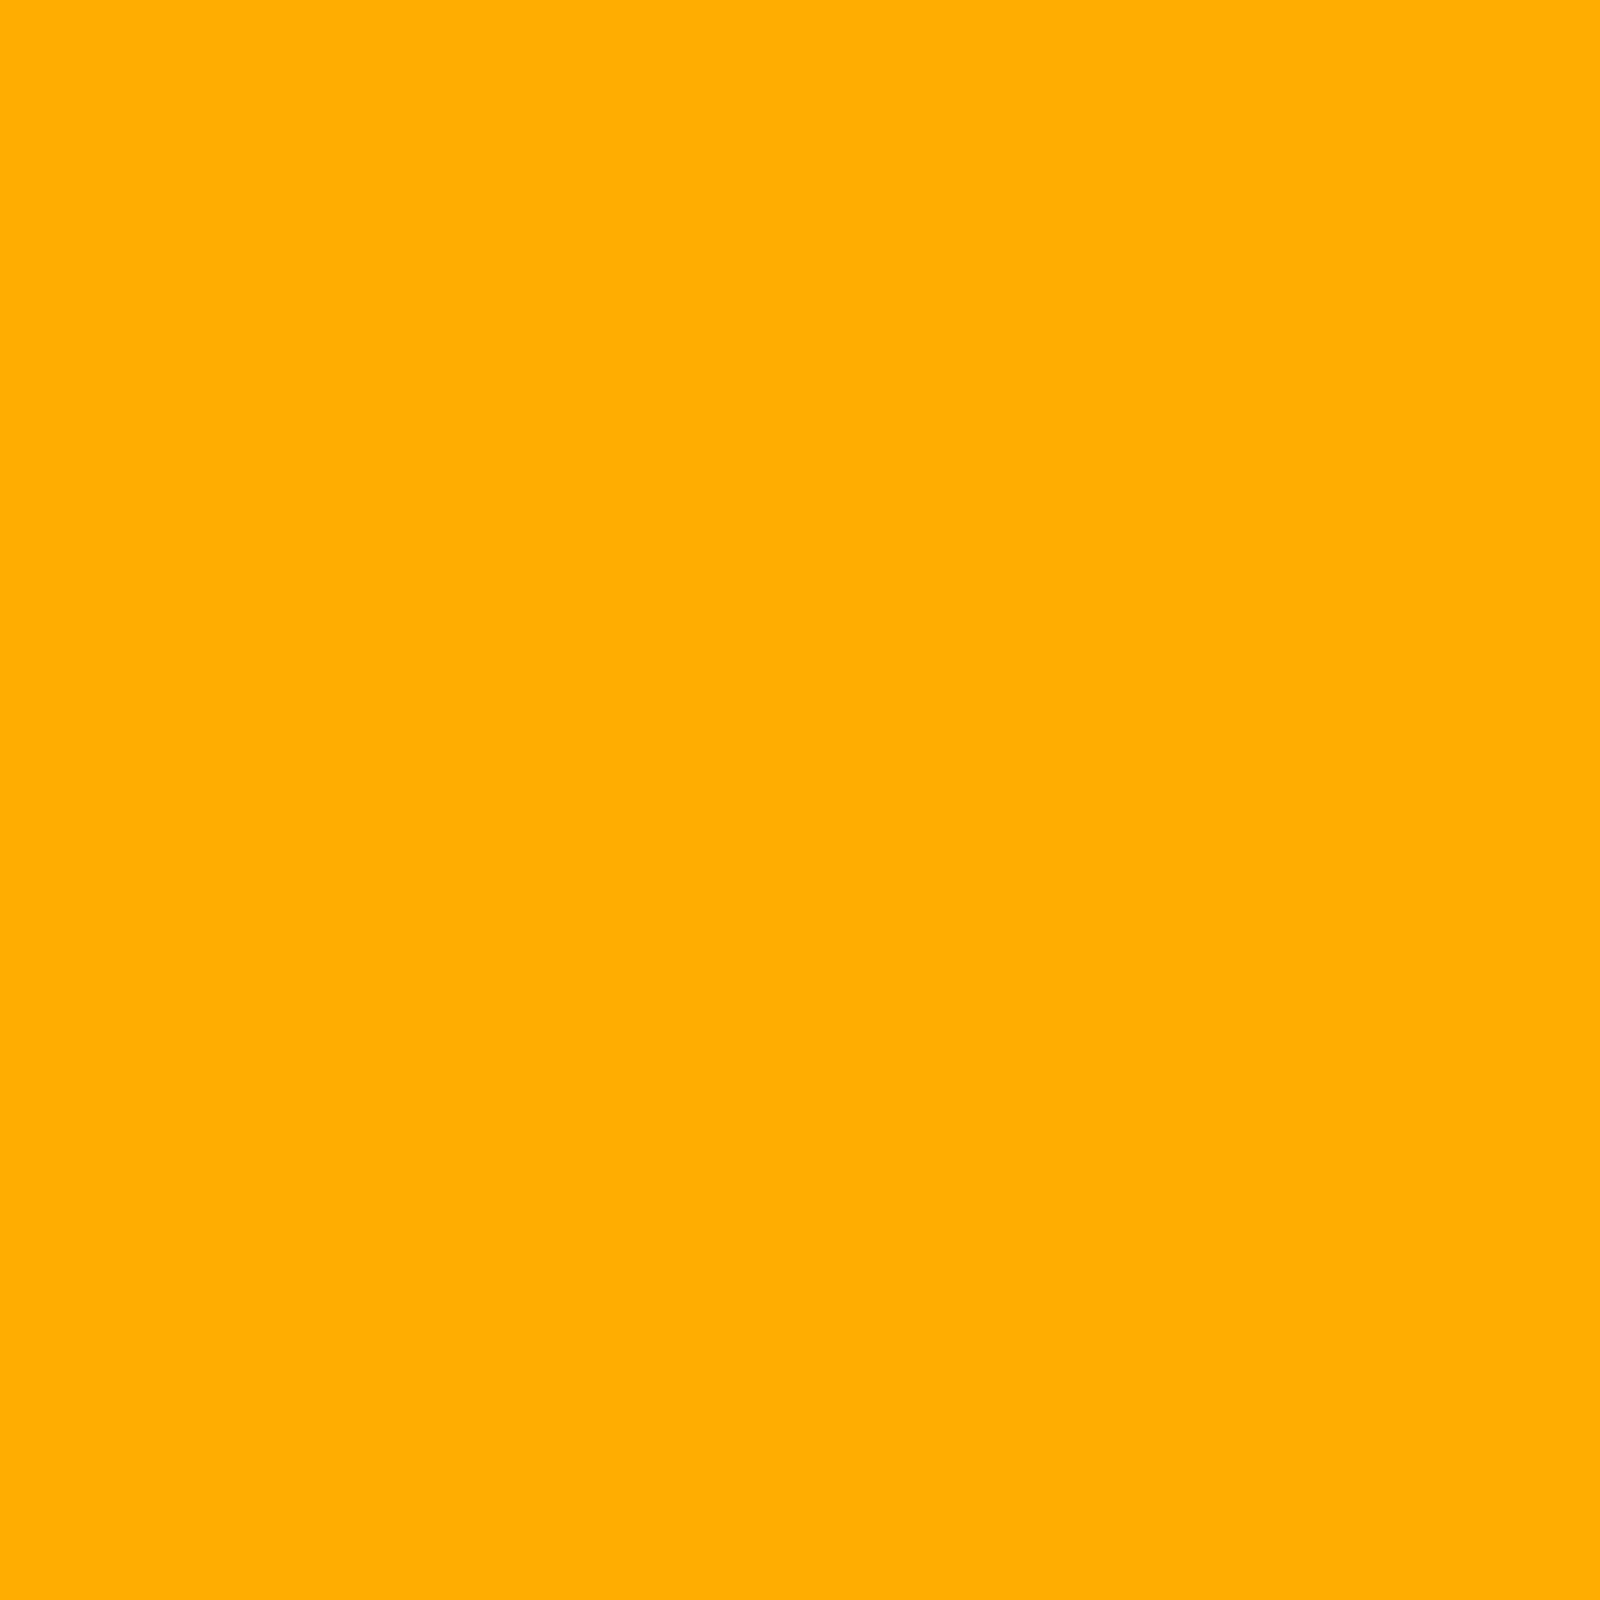 d-c fix Klebefolie - gelb - Lack-Optik - 45x200 cm